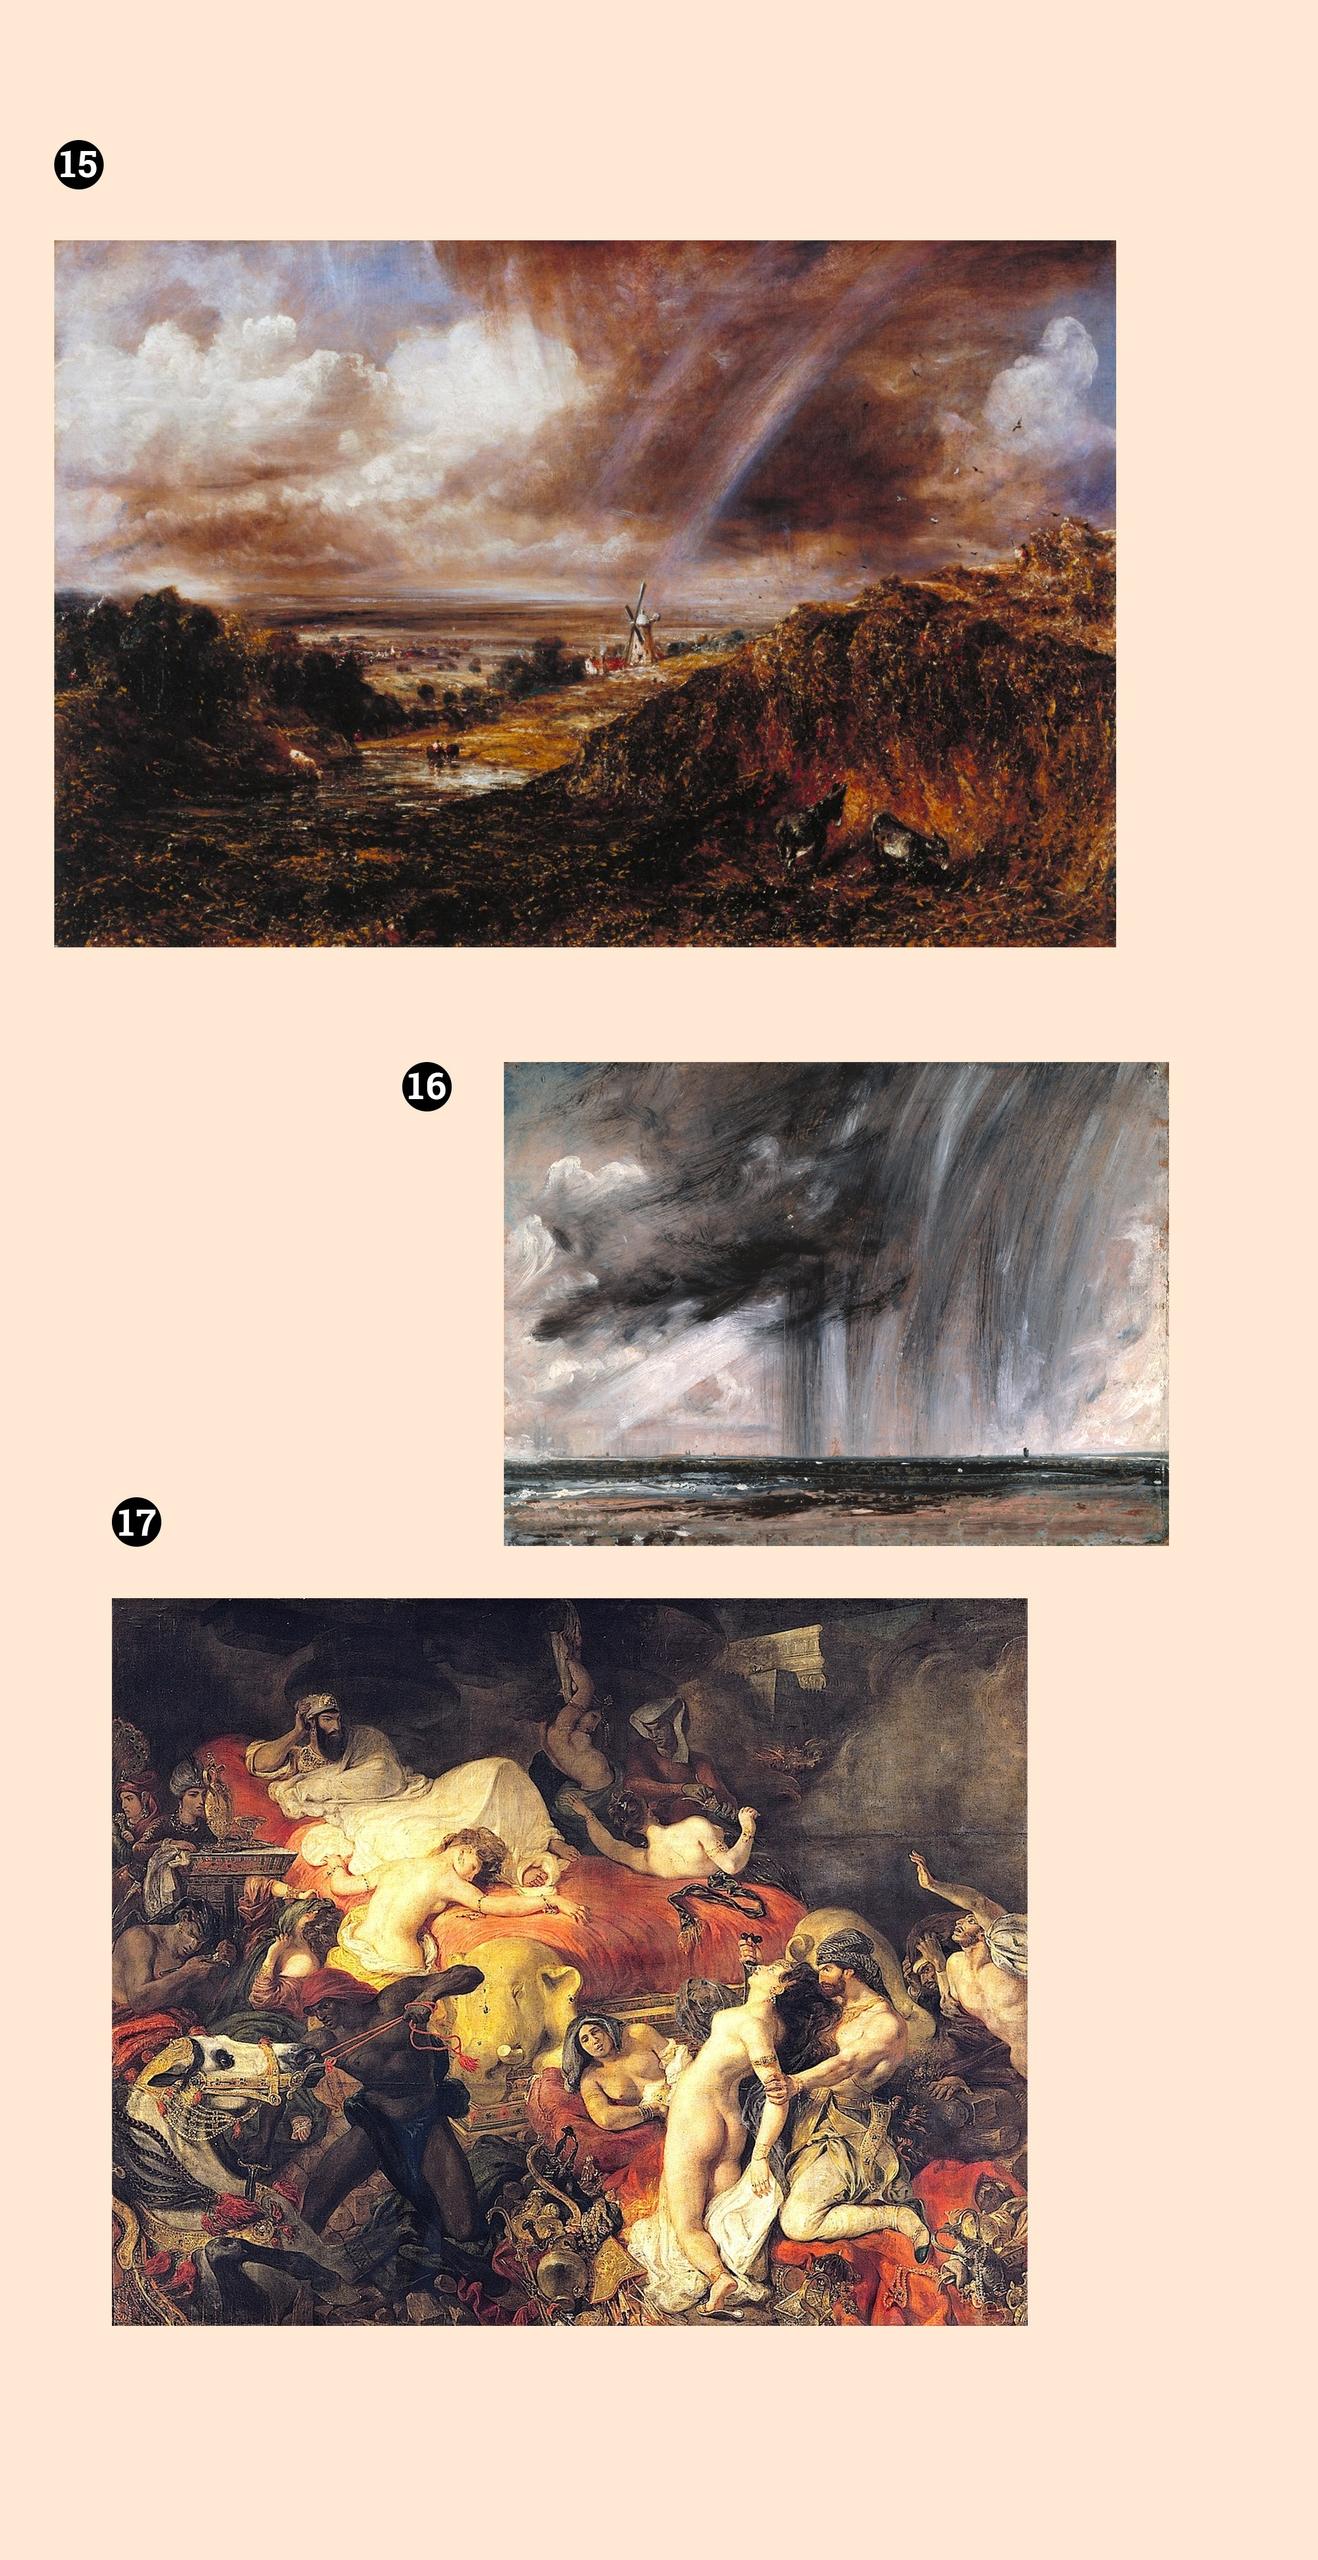 Obraz przedstawia trzy obrazy znanych artystów na jasnym tle.